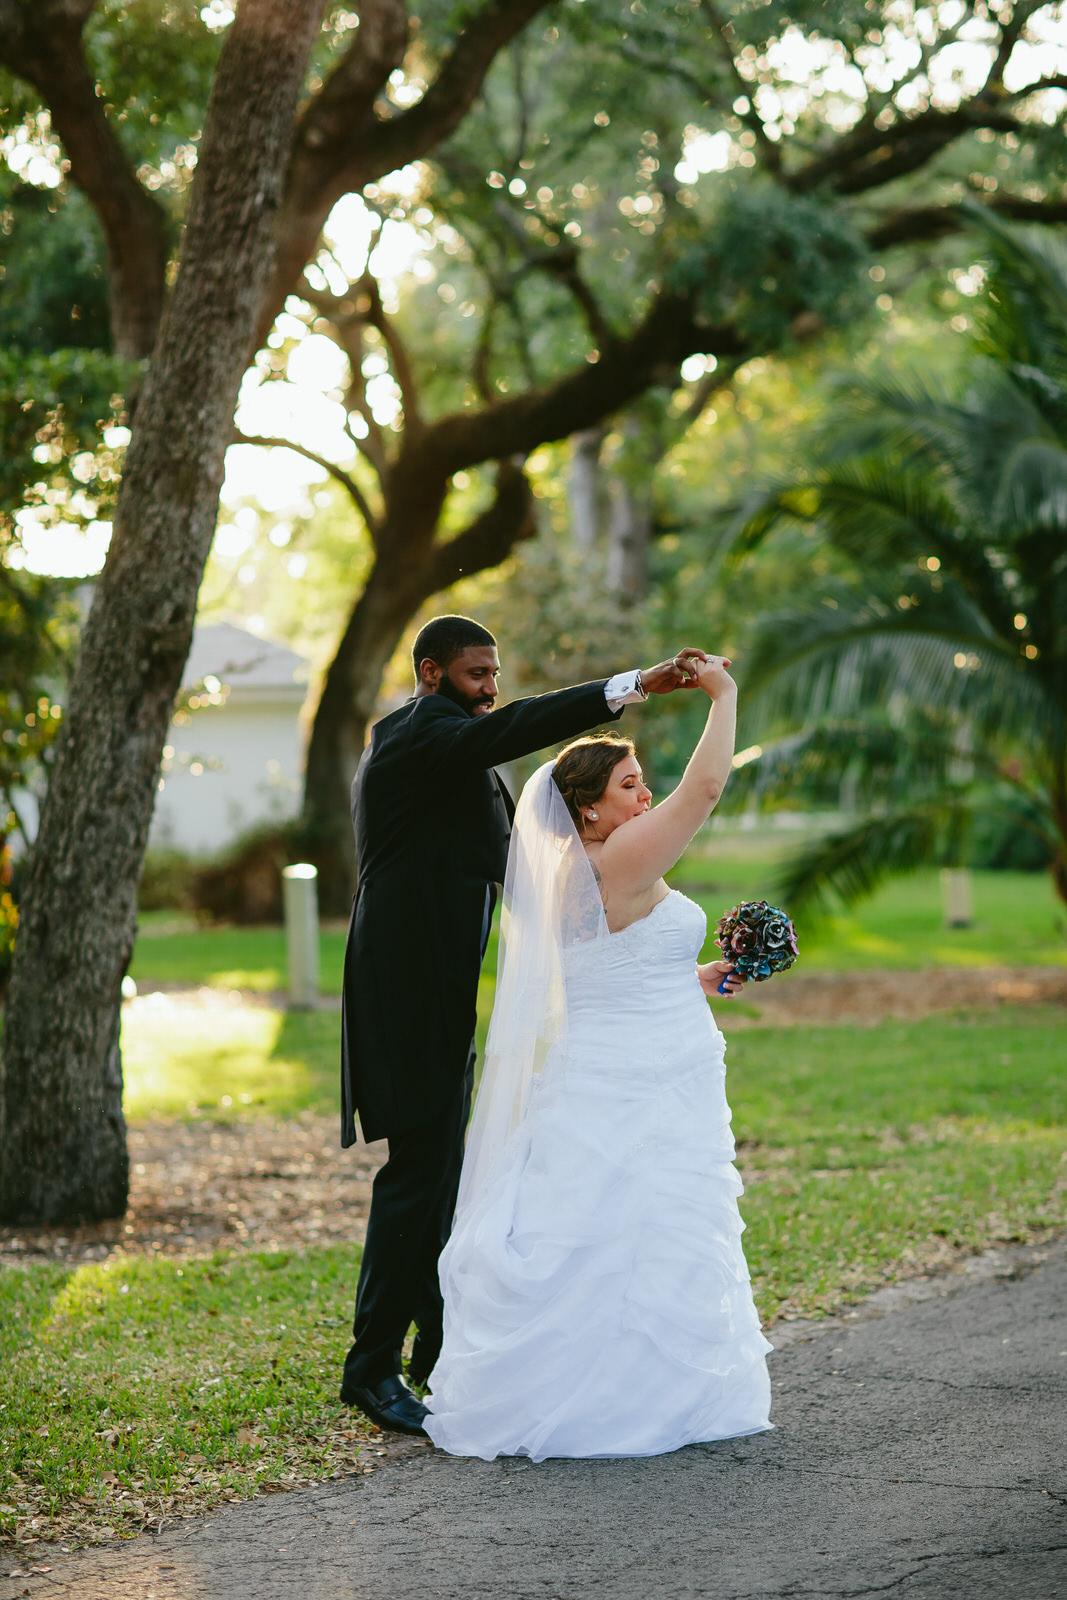 family_formals_hollywood_florida_backyard_estate_wedding_steph_lynn_photo-55.jpg